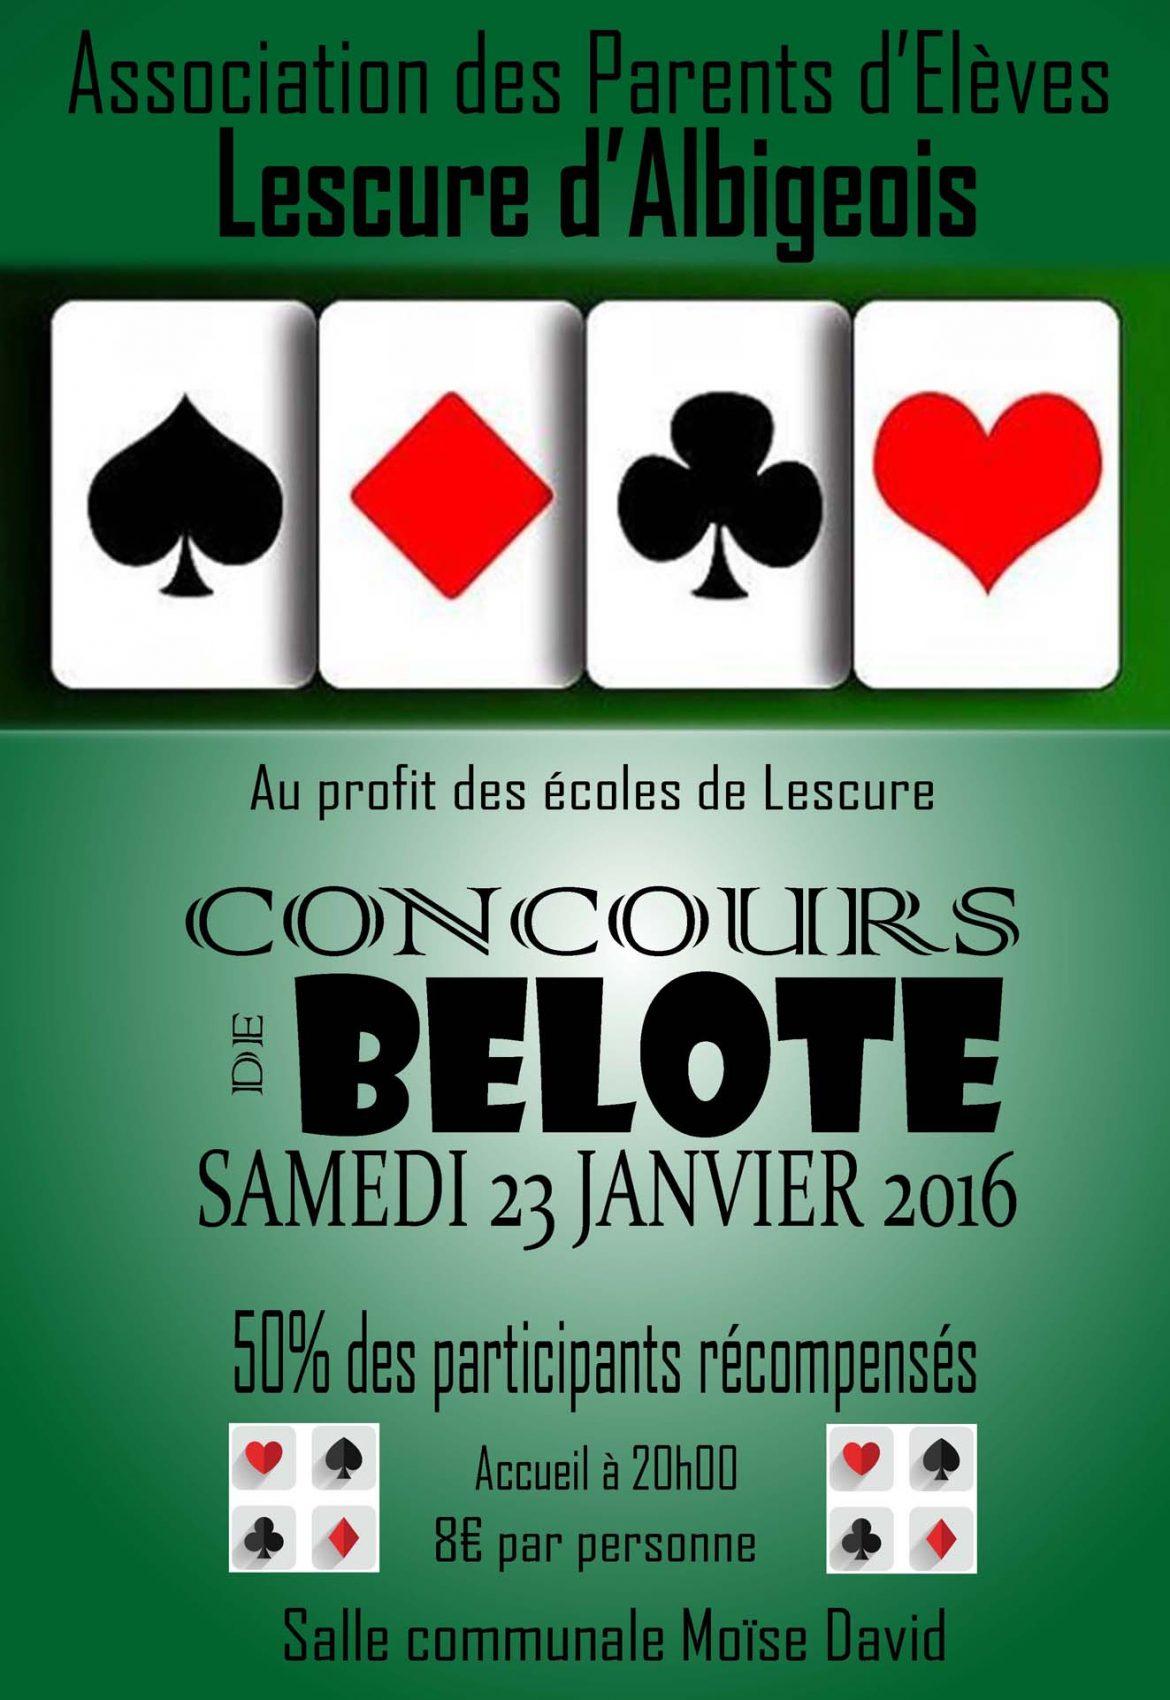 Concours de belote le 23 janvier 2016 à Lescure d'Albigeois (81)